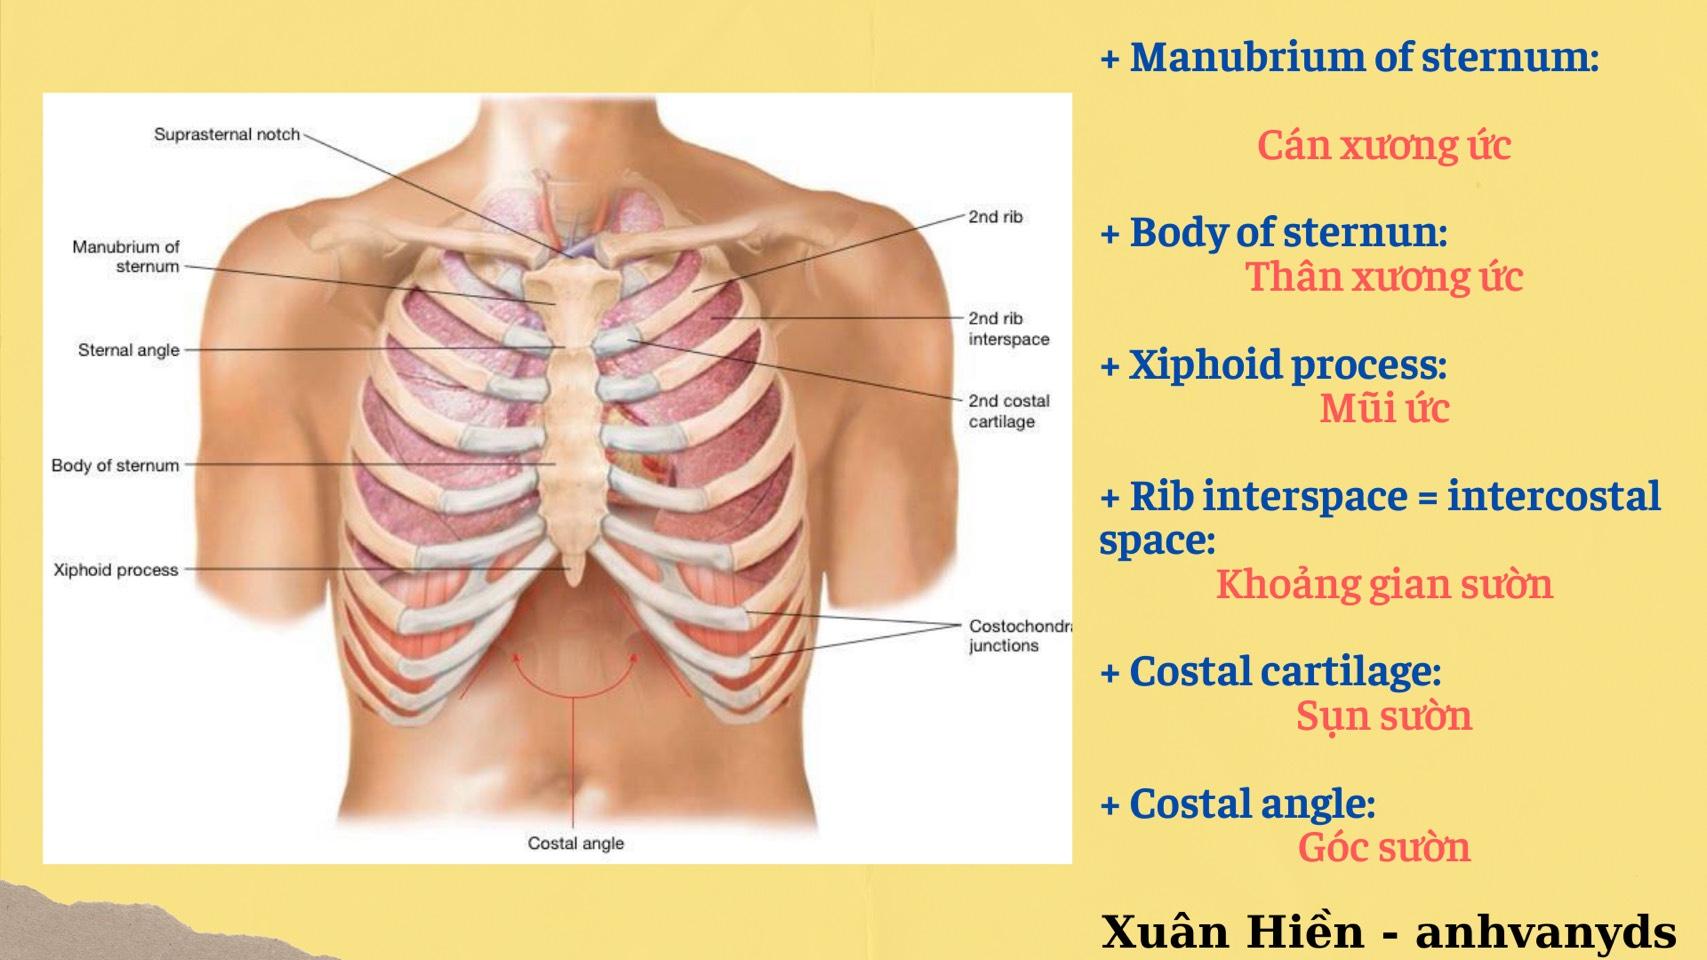 Từ vựng giải phẫu và kỹ thuật lâm sàng ở lồng ngực